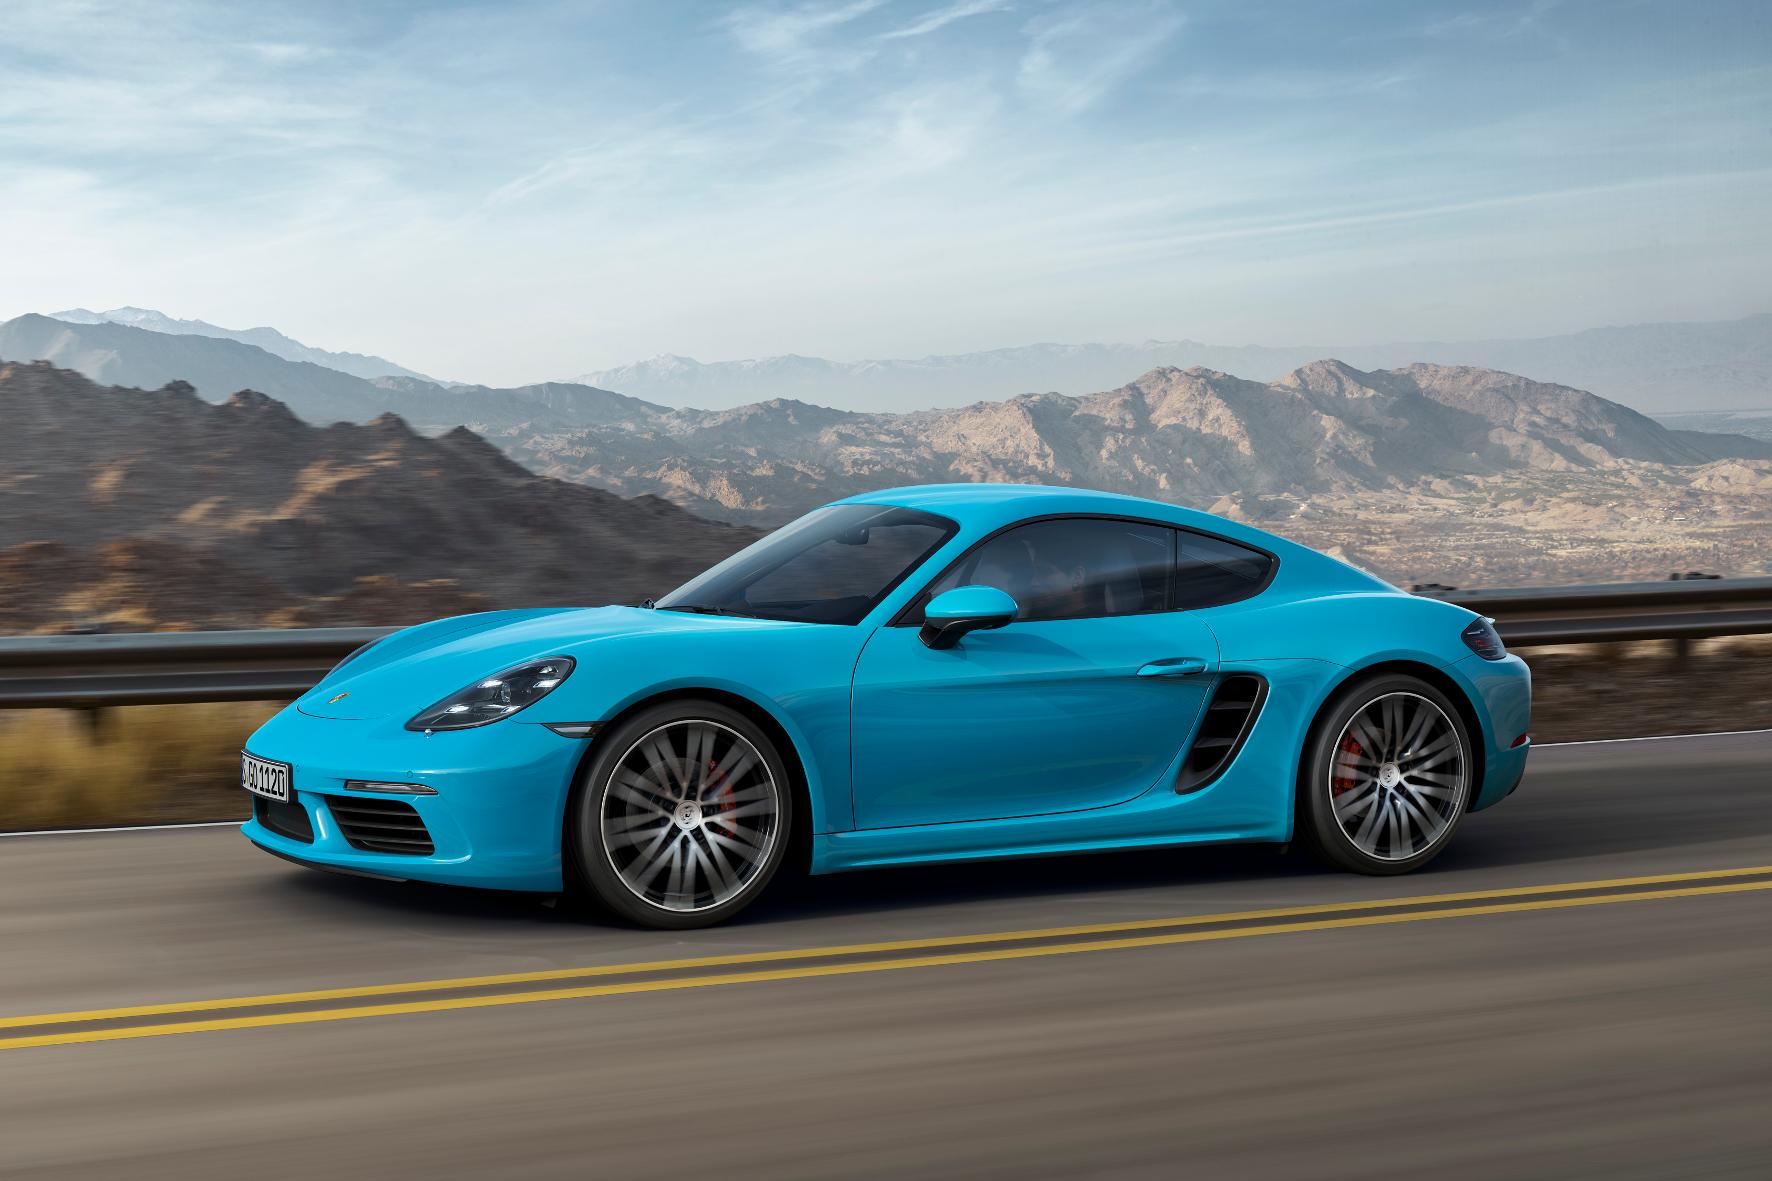 mid Stuttgart - Nach dem Boxster schickt Porsche jetzt auch den Cayman mit Vier- anstatt Sechszylinder-Motoren auf die Straße.